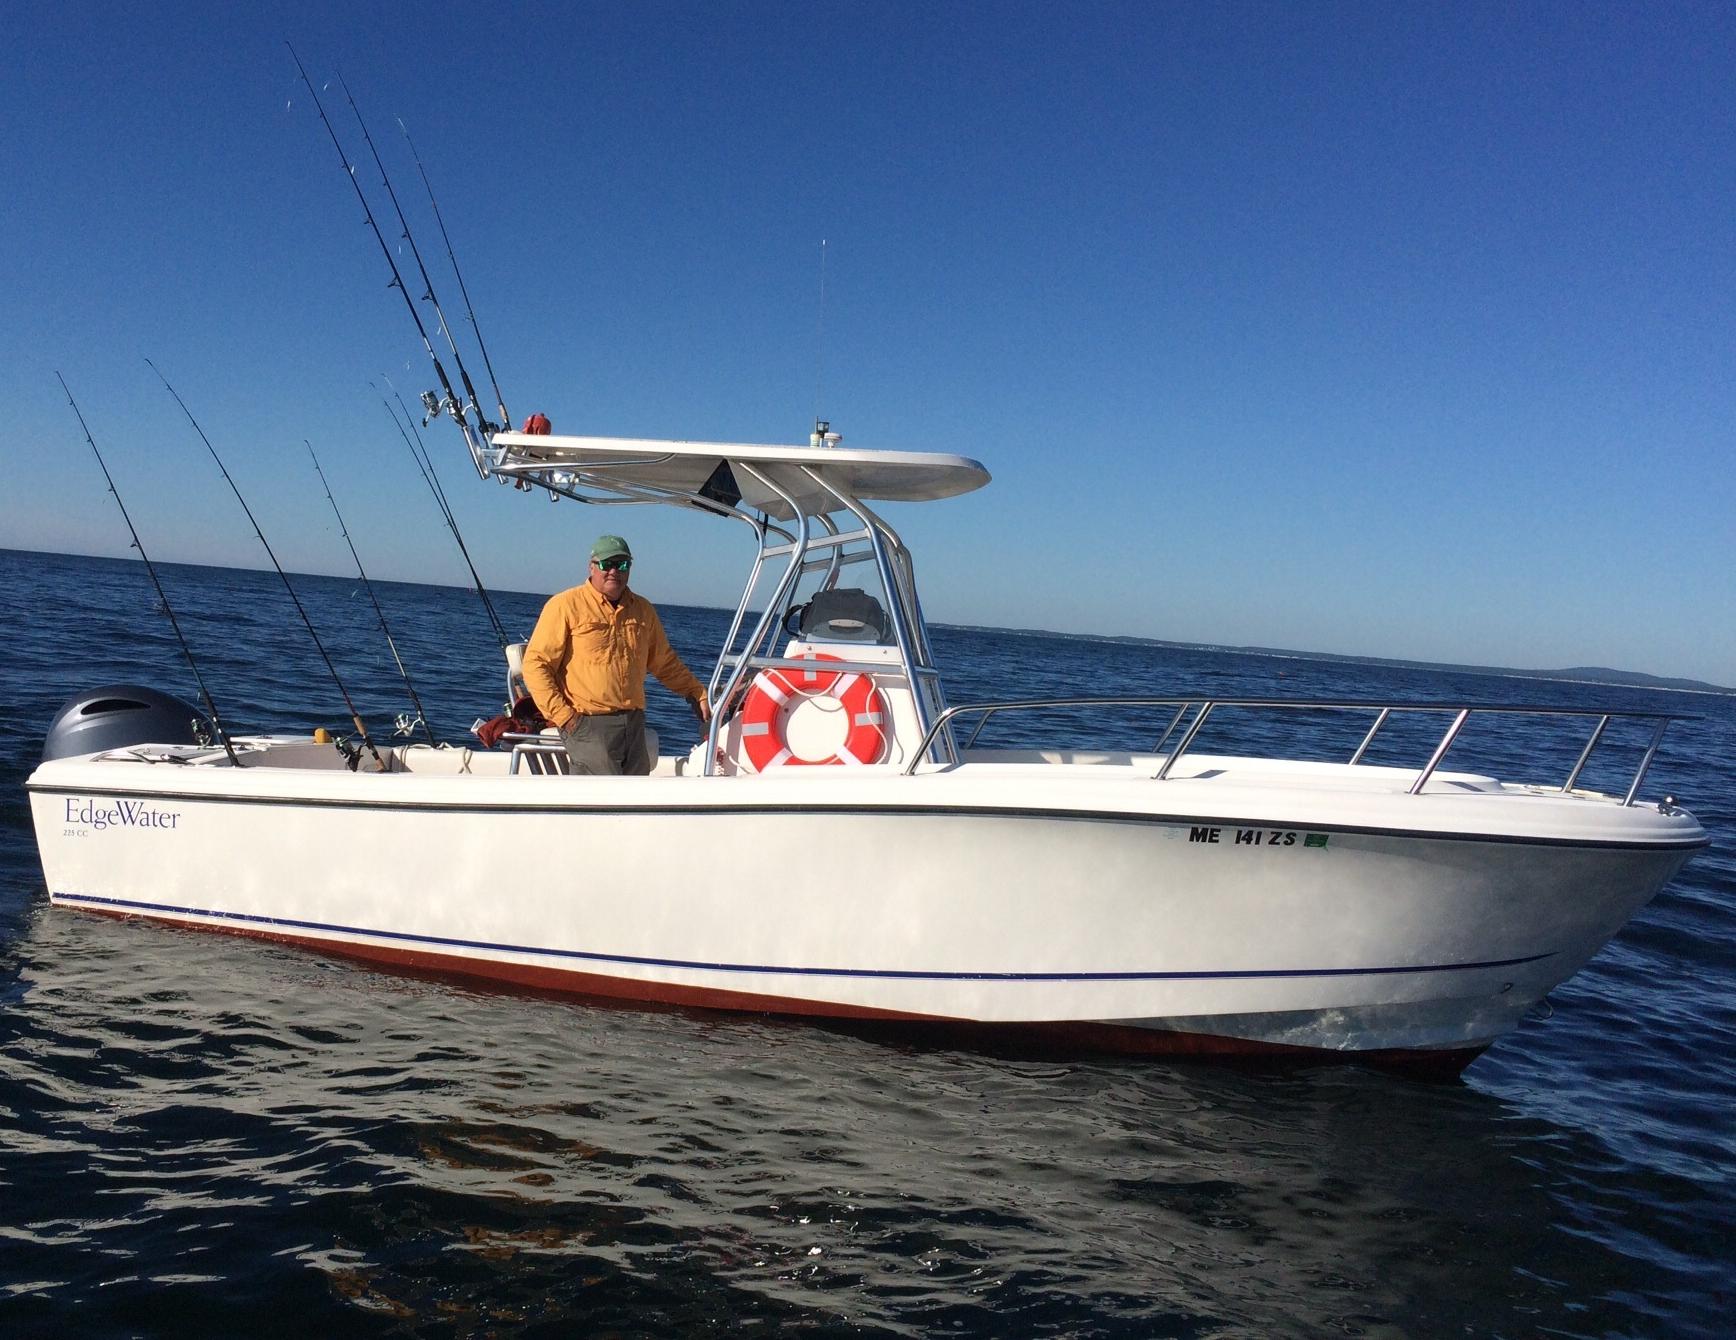 stevebrettell_edgewater_fishingboat.jpg